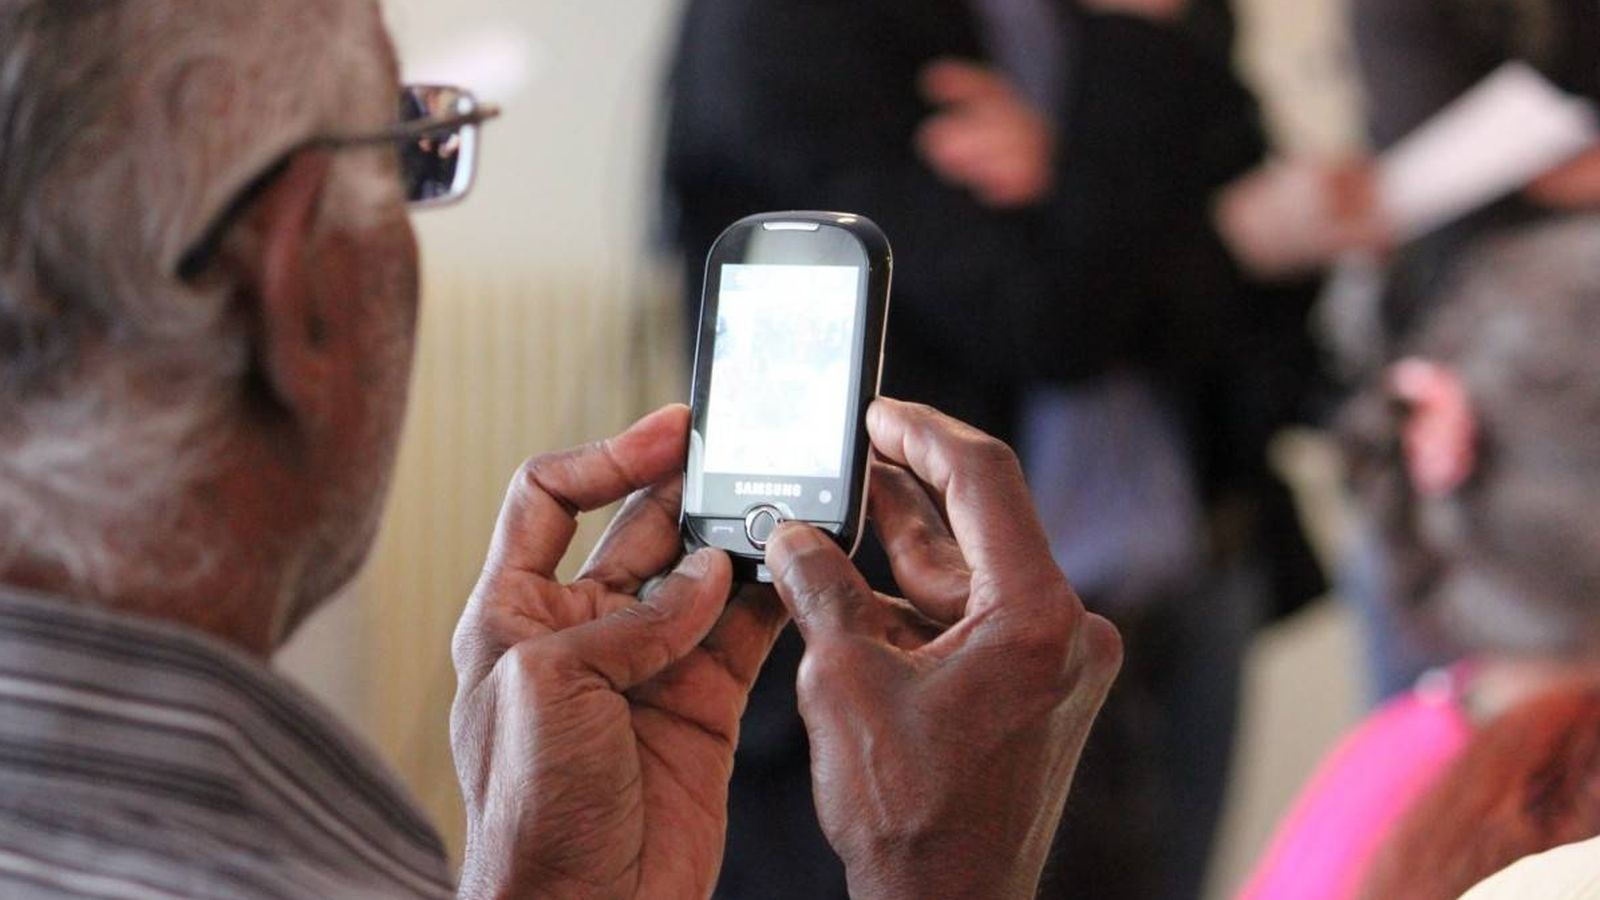 Foto: La mayoría de los dispositivos para la tercera edad están enfocados en la salud (PxHere)